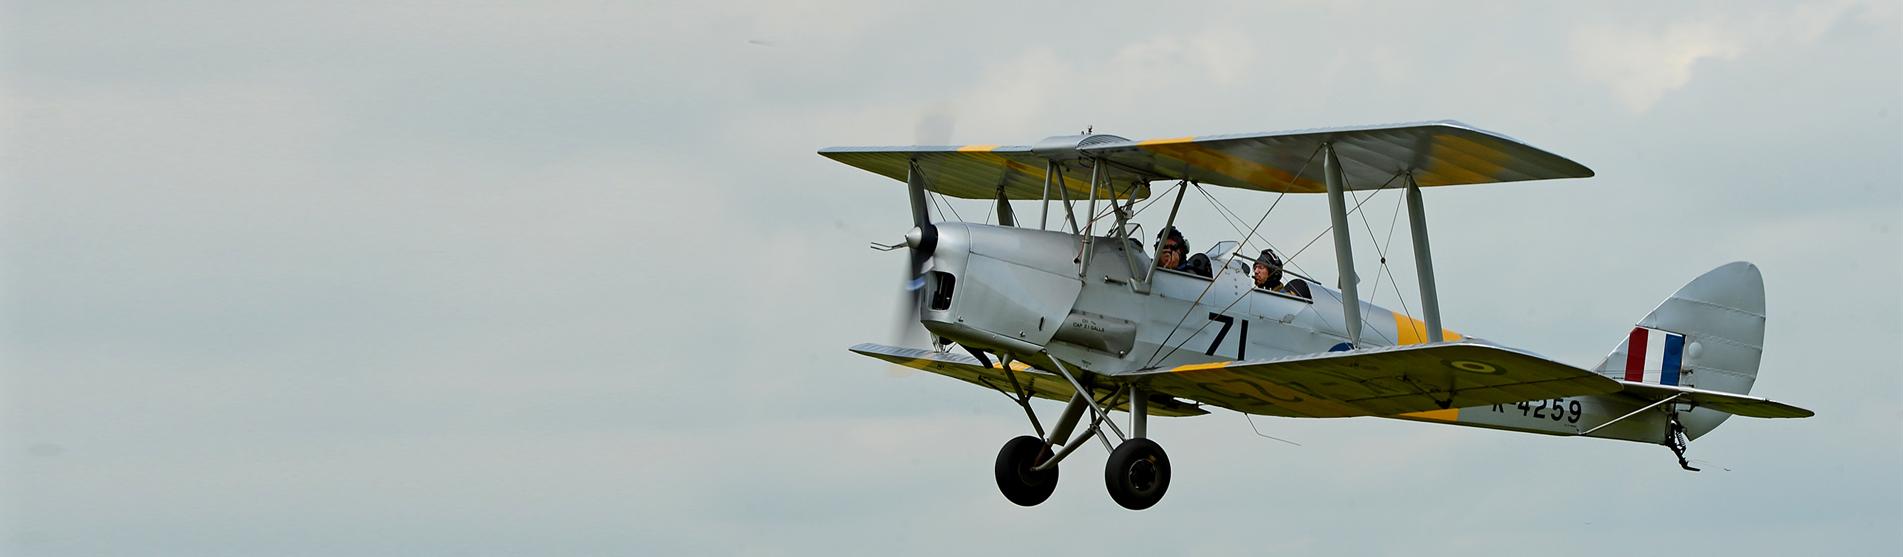 Tiger-Moth-Flights-BanR-Foo